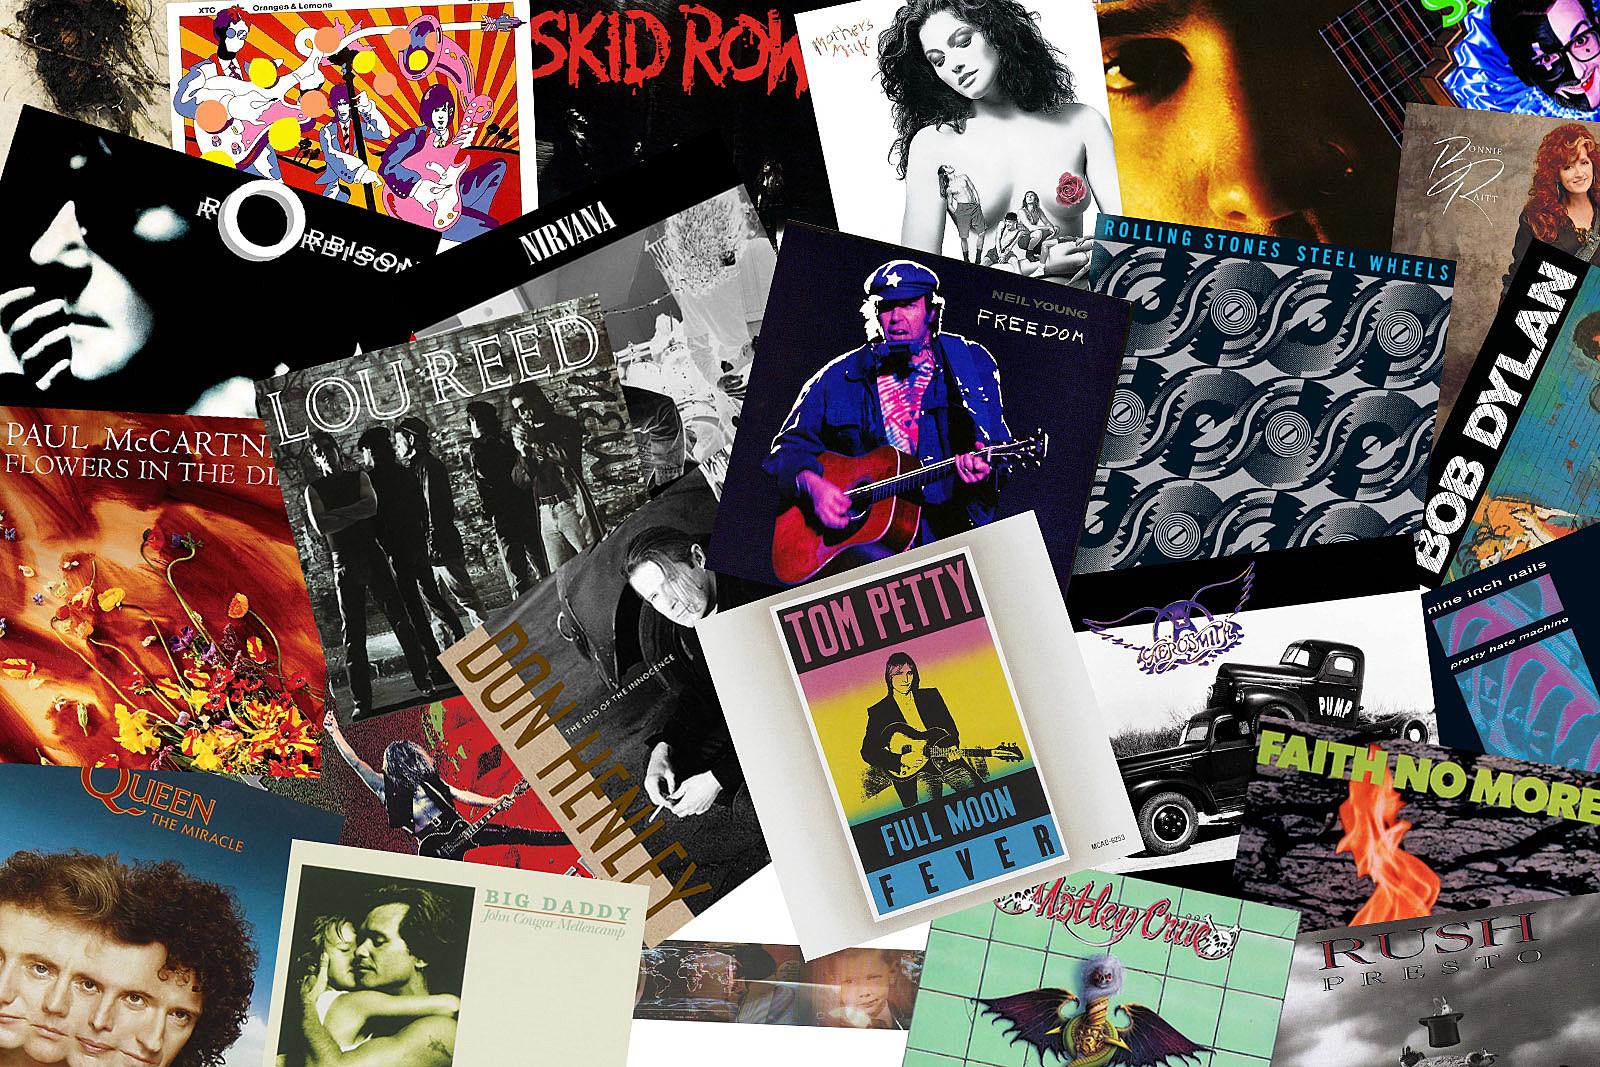 1989's Best Classic Rock Albums